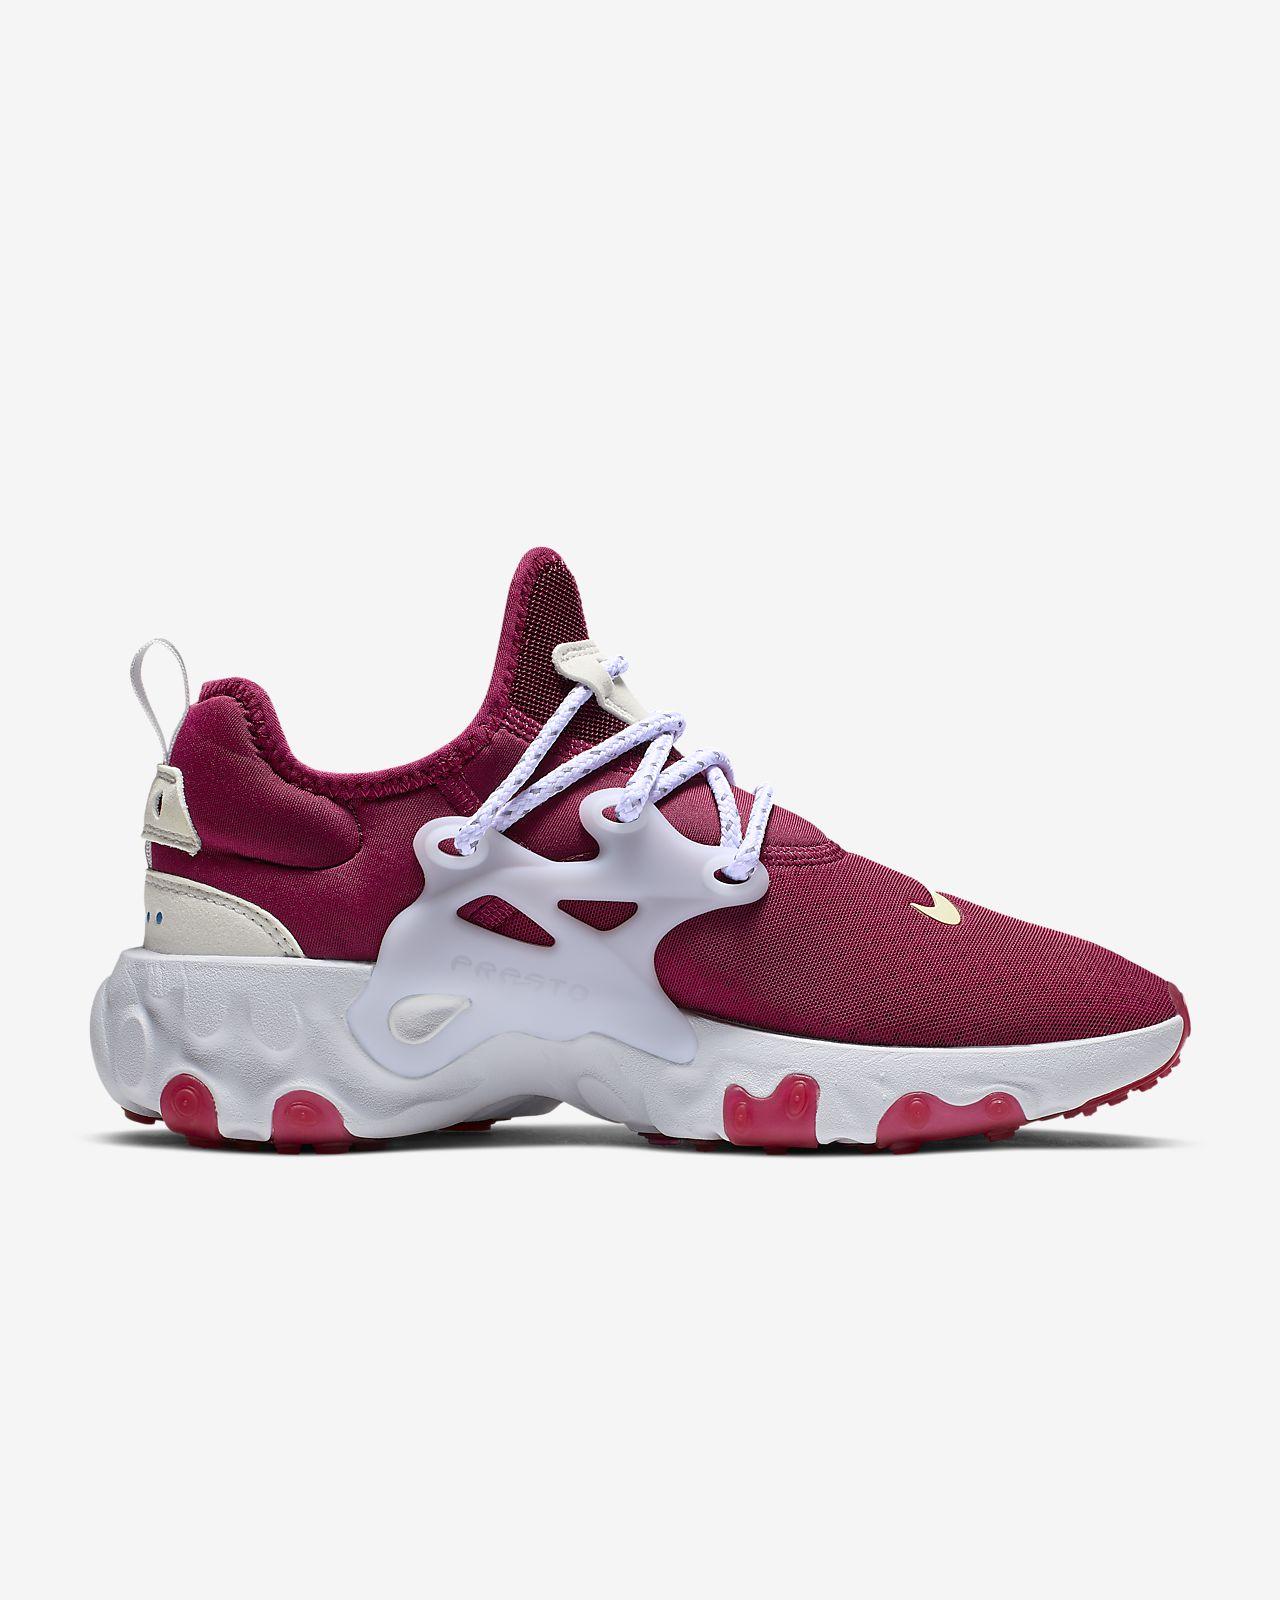 finest selection 1772f 63d76 Nike React Presto Women's Shoe